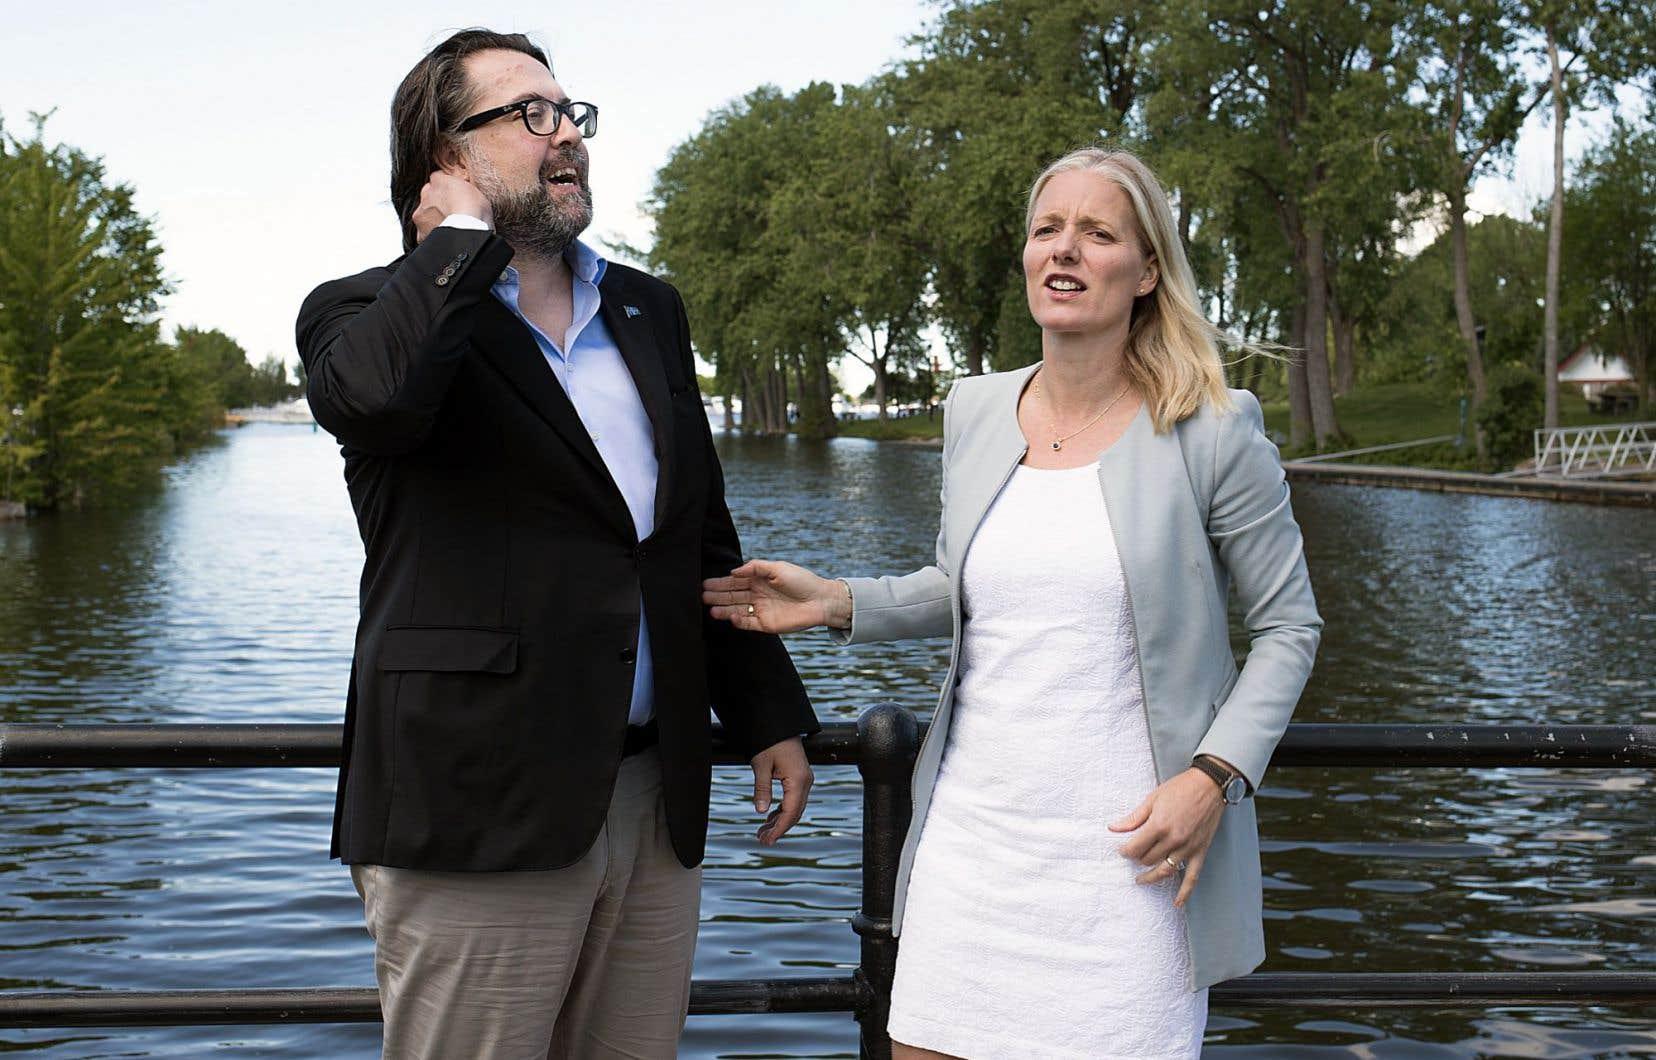 Les ministres de l'Environnement au provincial et au fédéral, David Heurtel et Catherine McKenna, ont annoncé lundi, devant le canal de Lachine, un investissement de 57,5 millions de dollars pour la deuxième phase du Plan d'action Saint-Laurent.